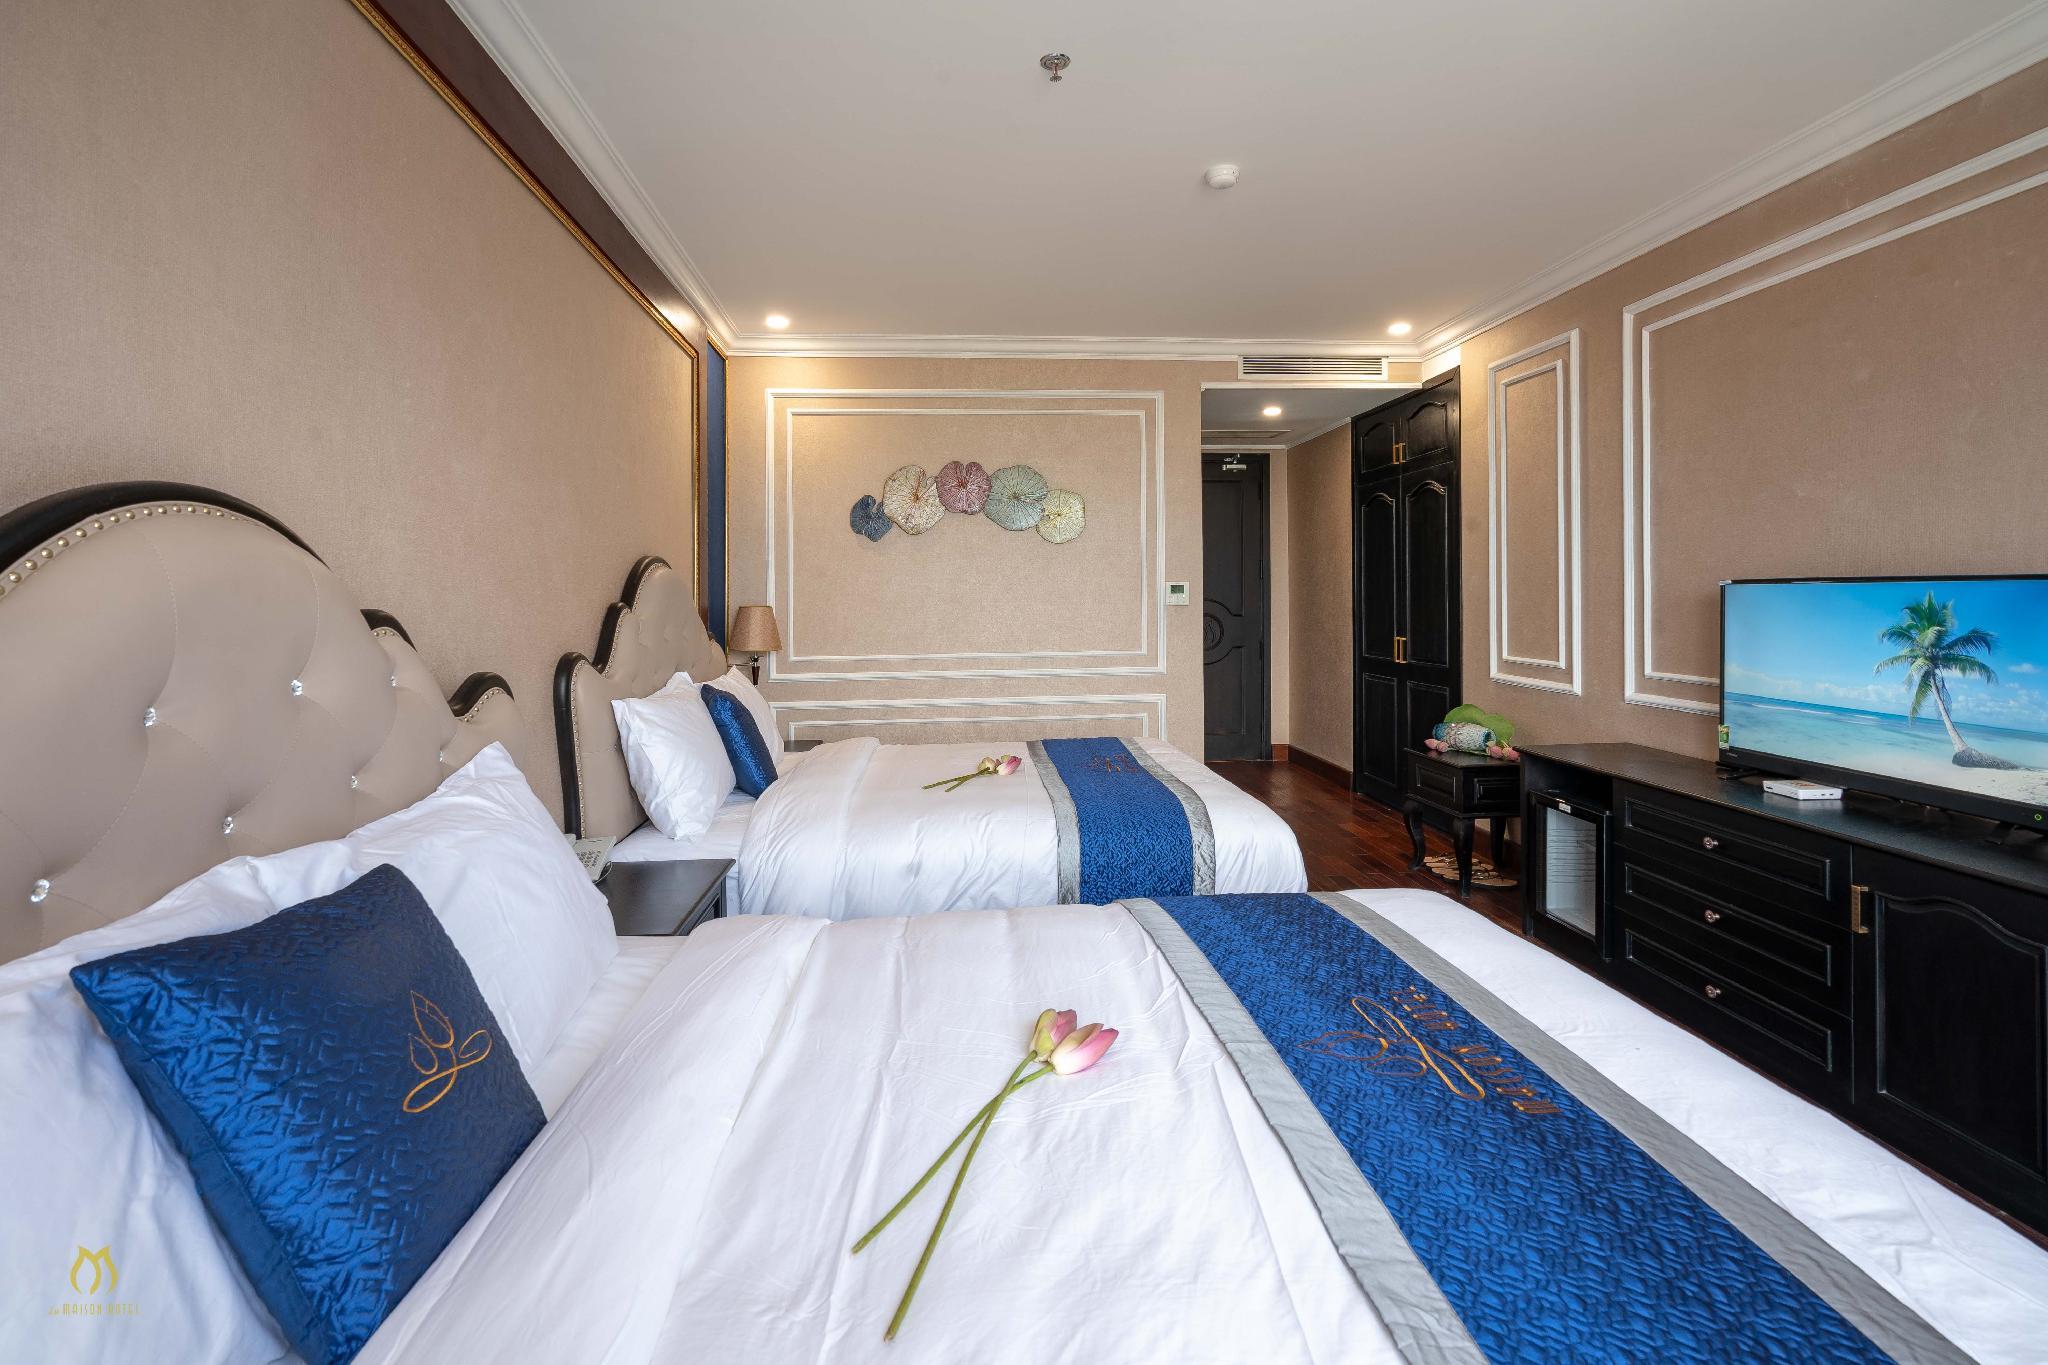 Ngoài có view hướng biển thì nơi đây còn là khách sạn Quy Nhơn 3 sao gần với khu du lịch Ghềnh Ráng - Ảnh: La Maison Hotel